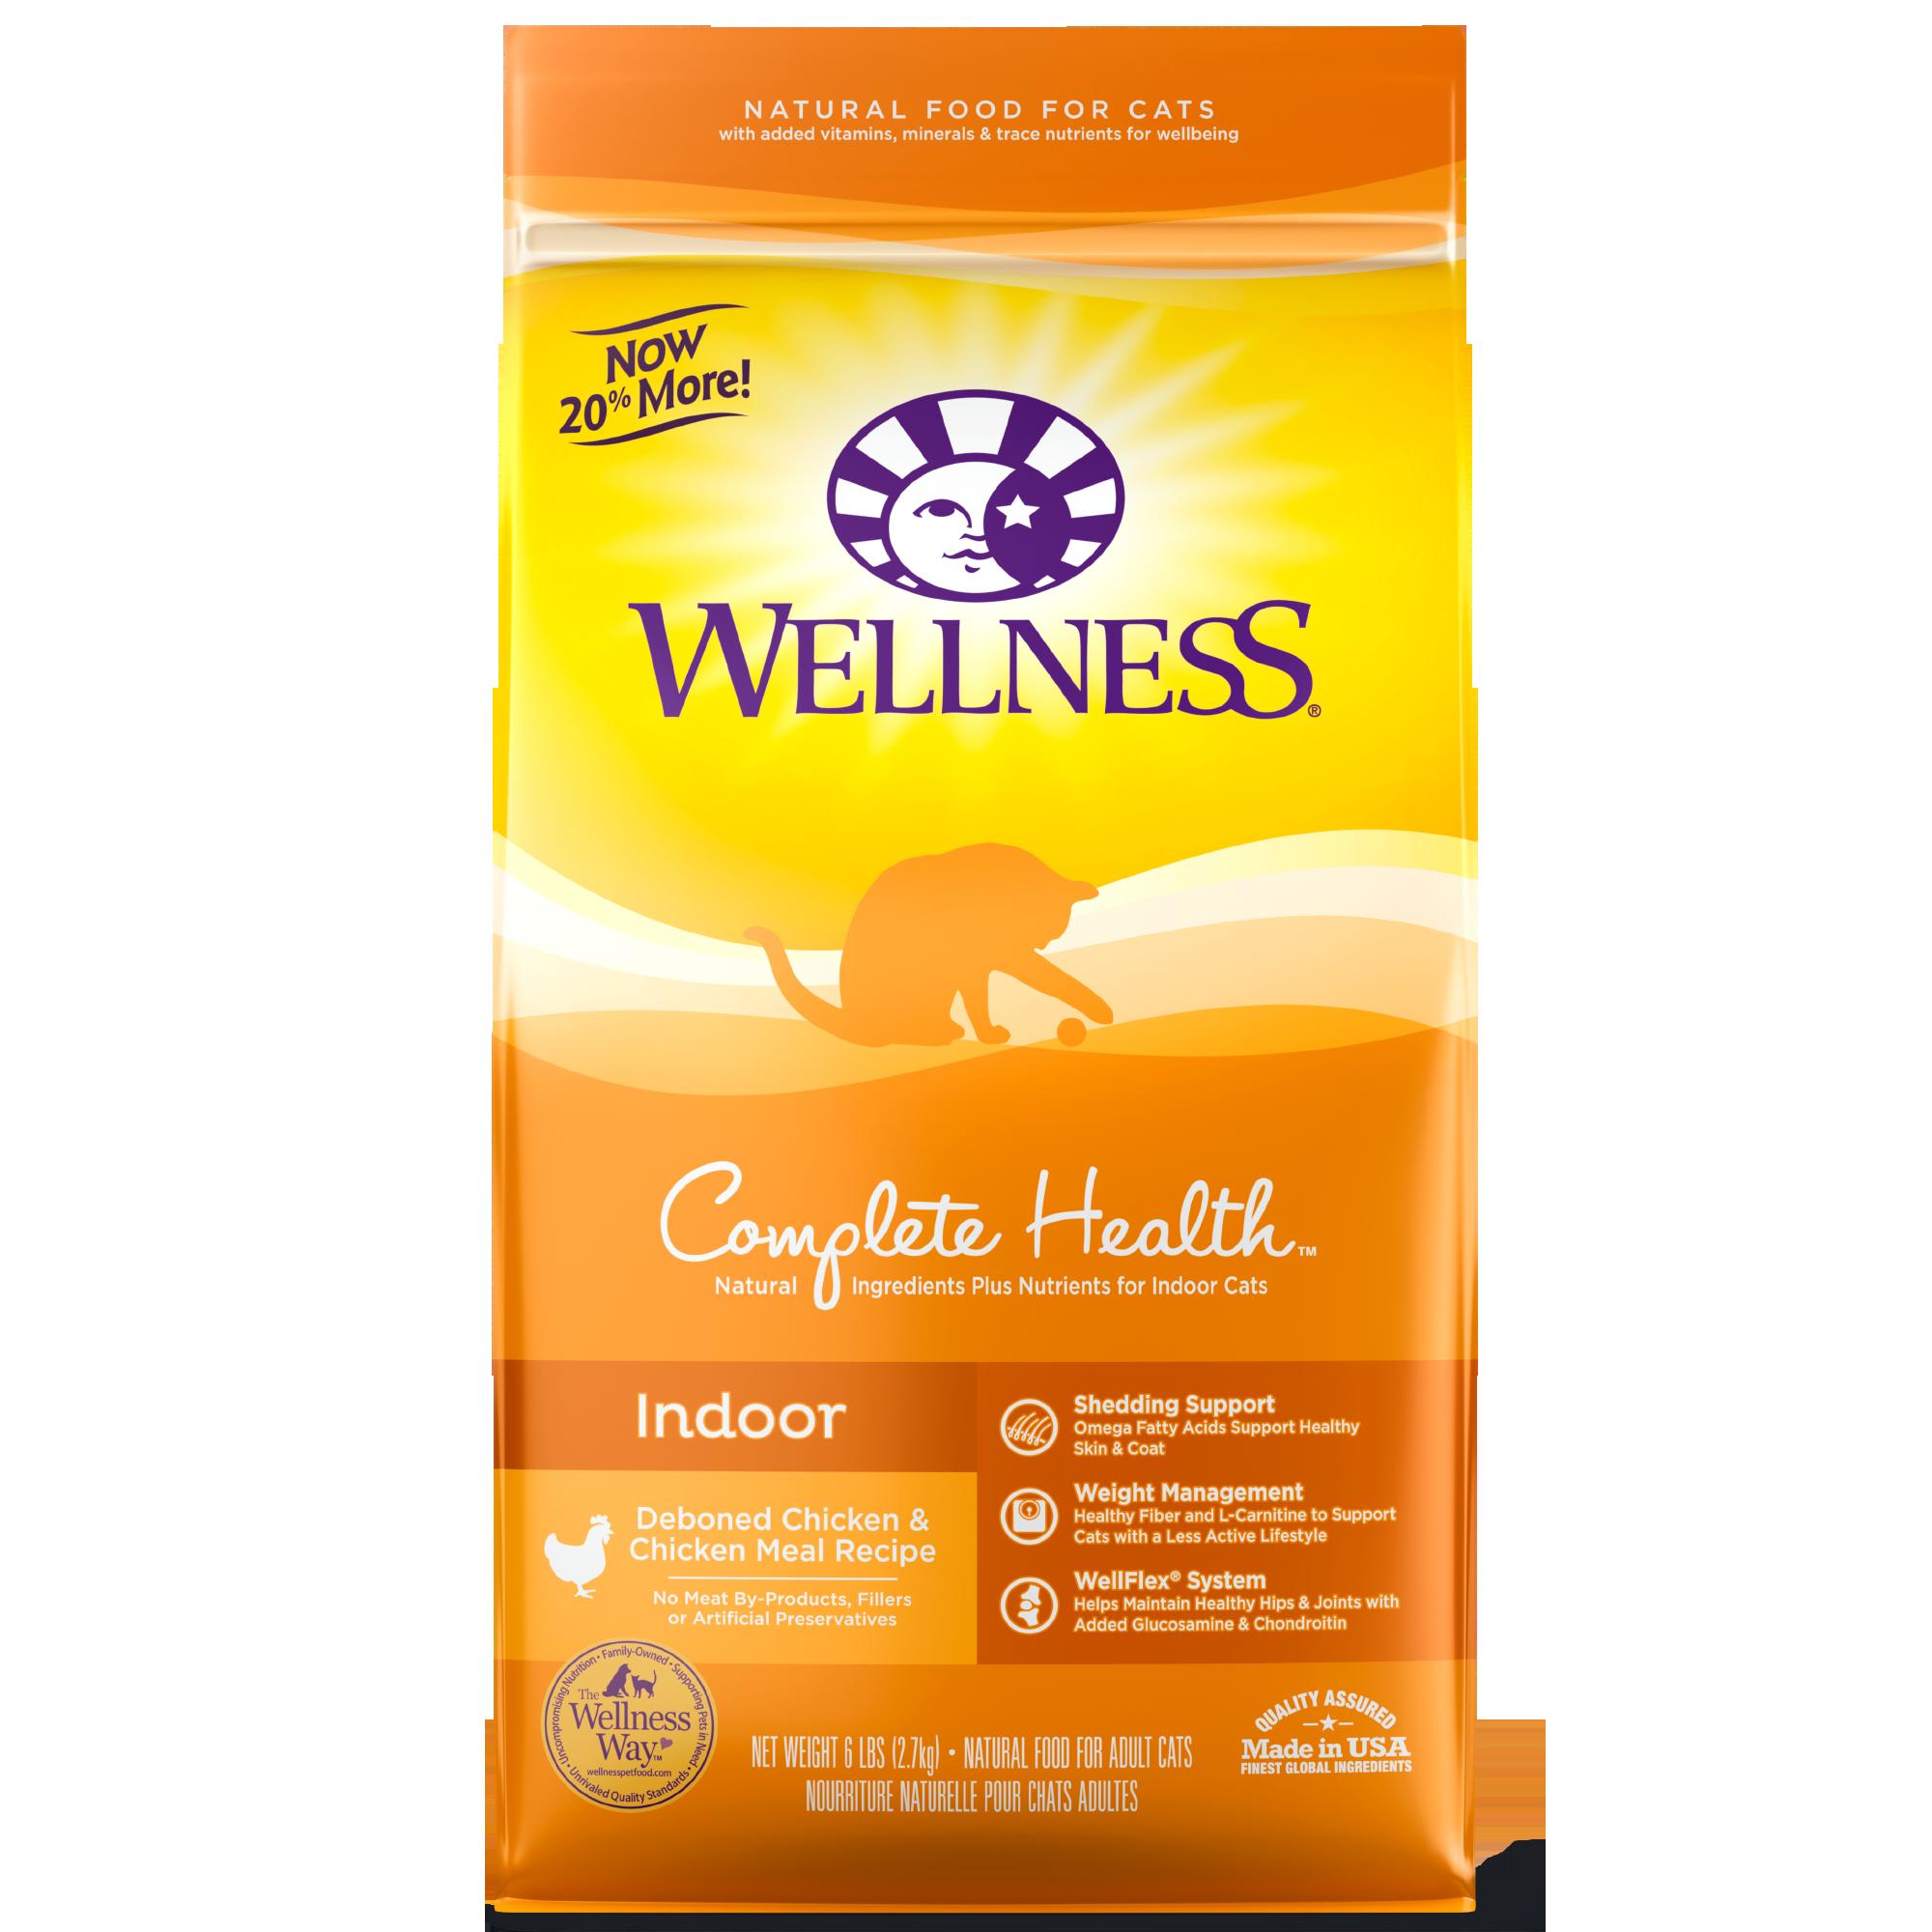 Wellness Complete Health Indoor, Deboned Chicken & Chicken Meal Recipe Dry Cat Food, 2.5-lb bag